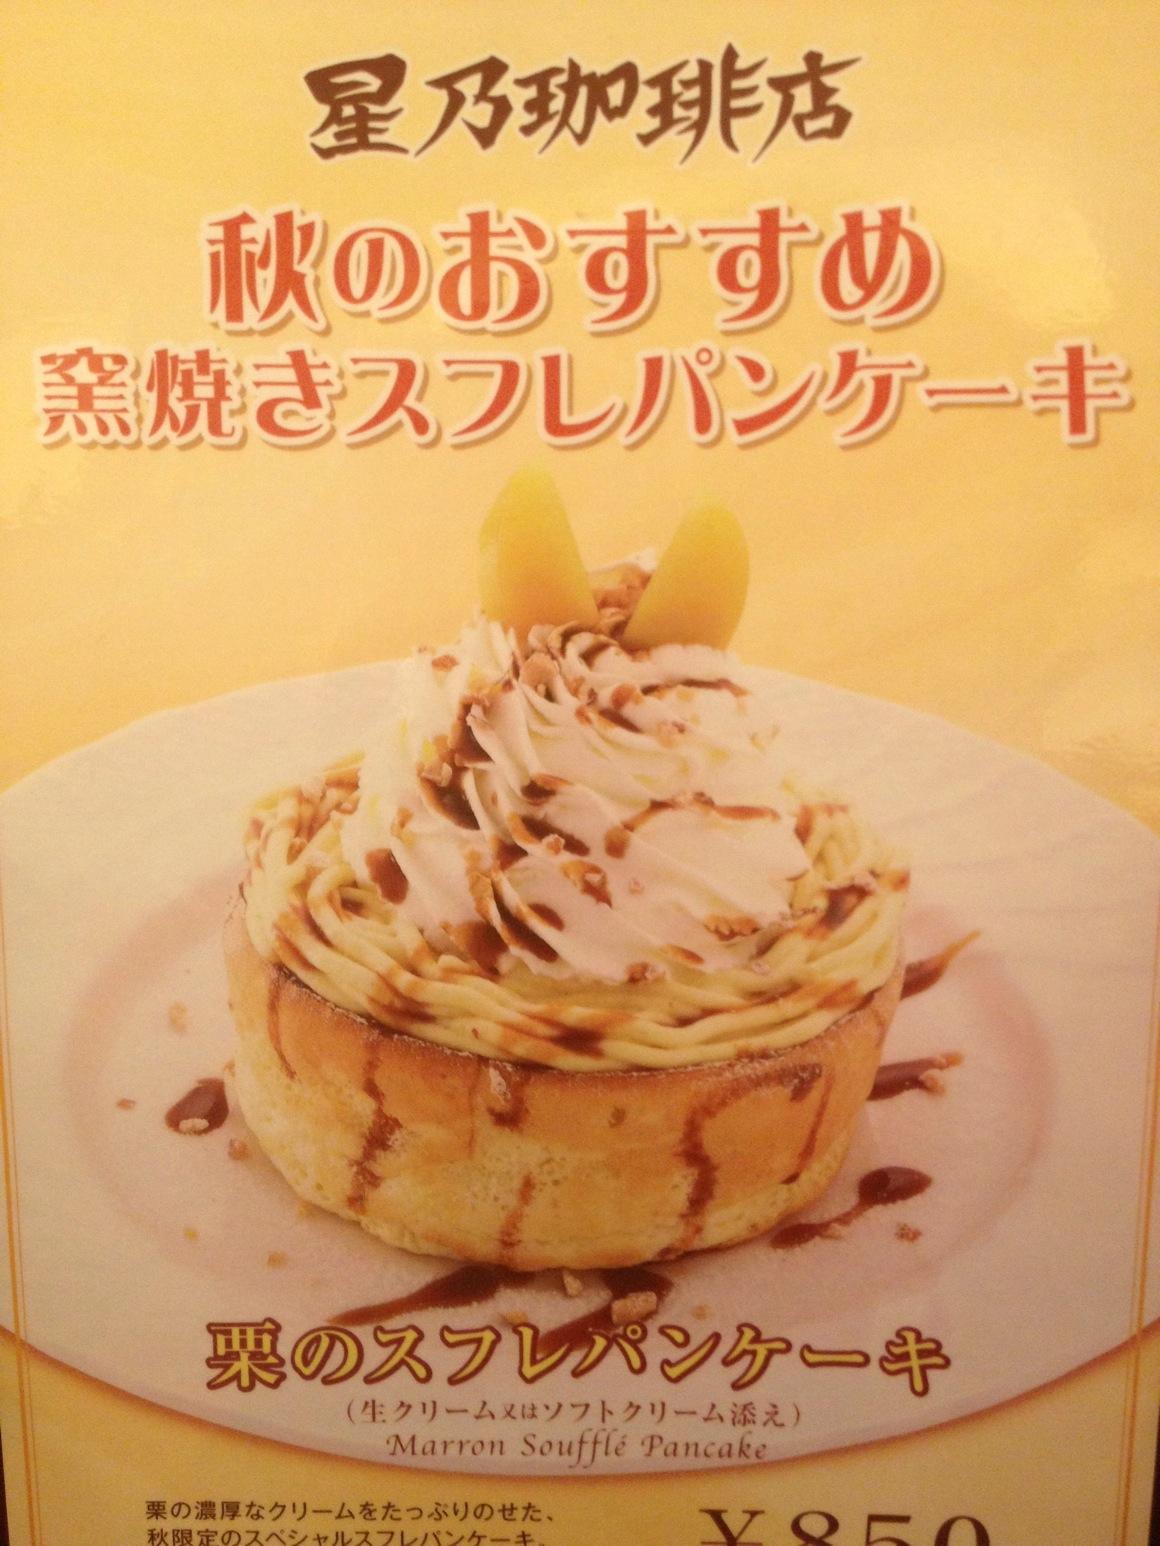 星乃珈琲の栗のスフレパンケーキ